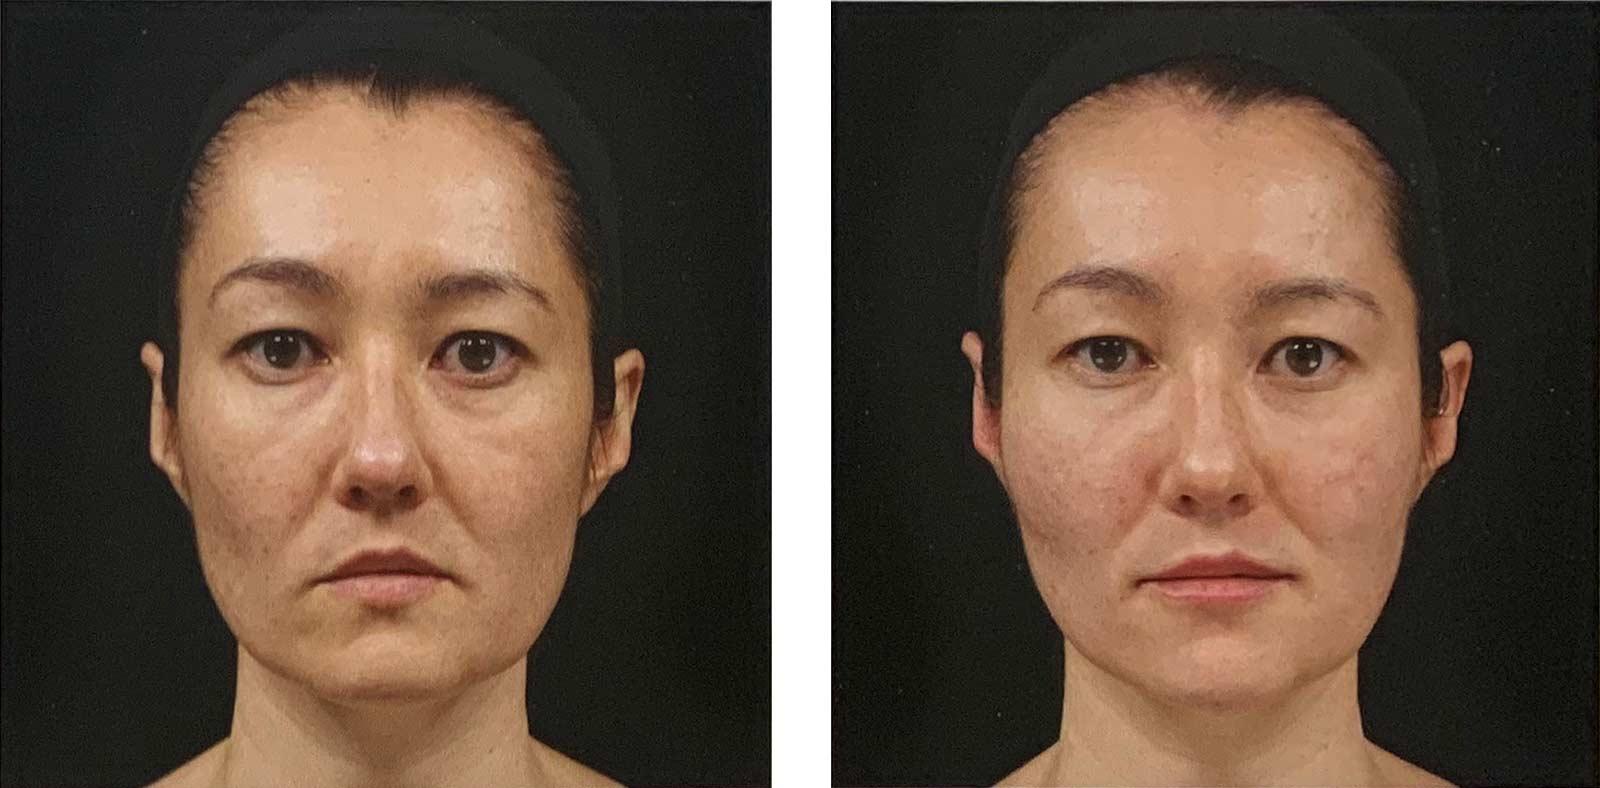 injections d'acide hyaluronique (Juvederm) pour corriger un visage d'aspect triste - avant-après